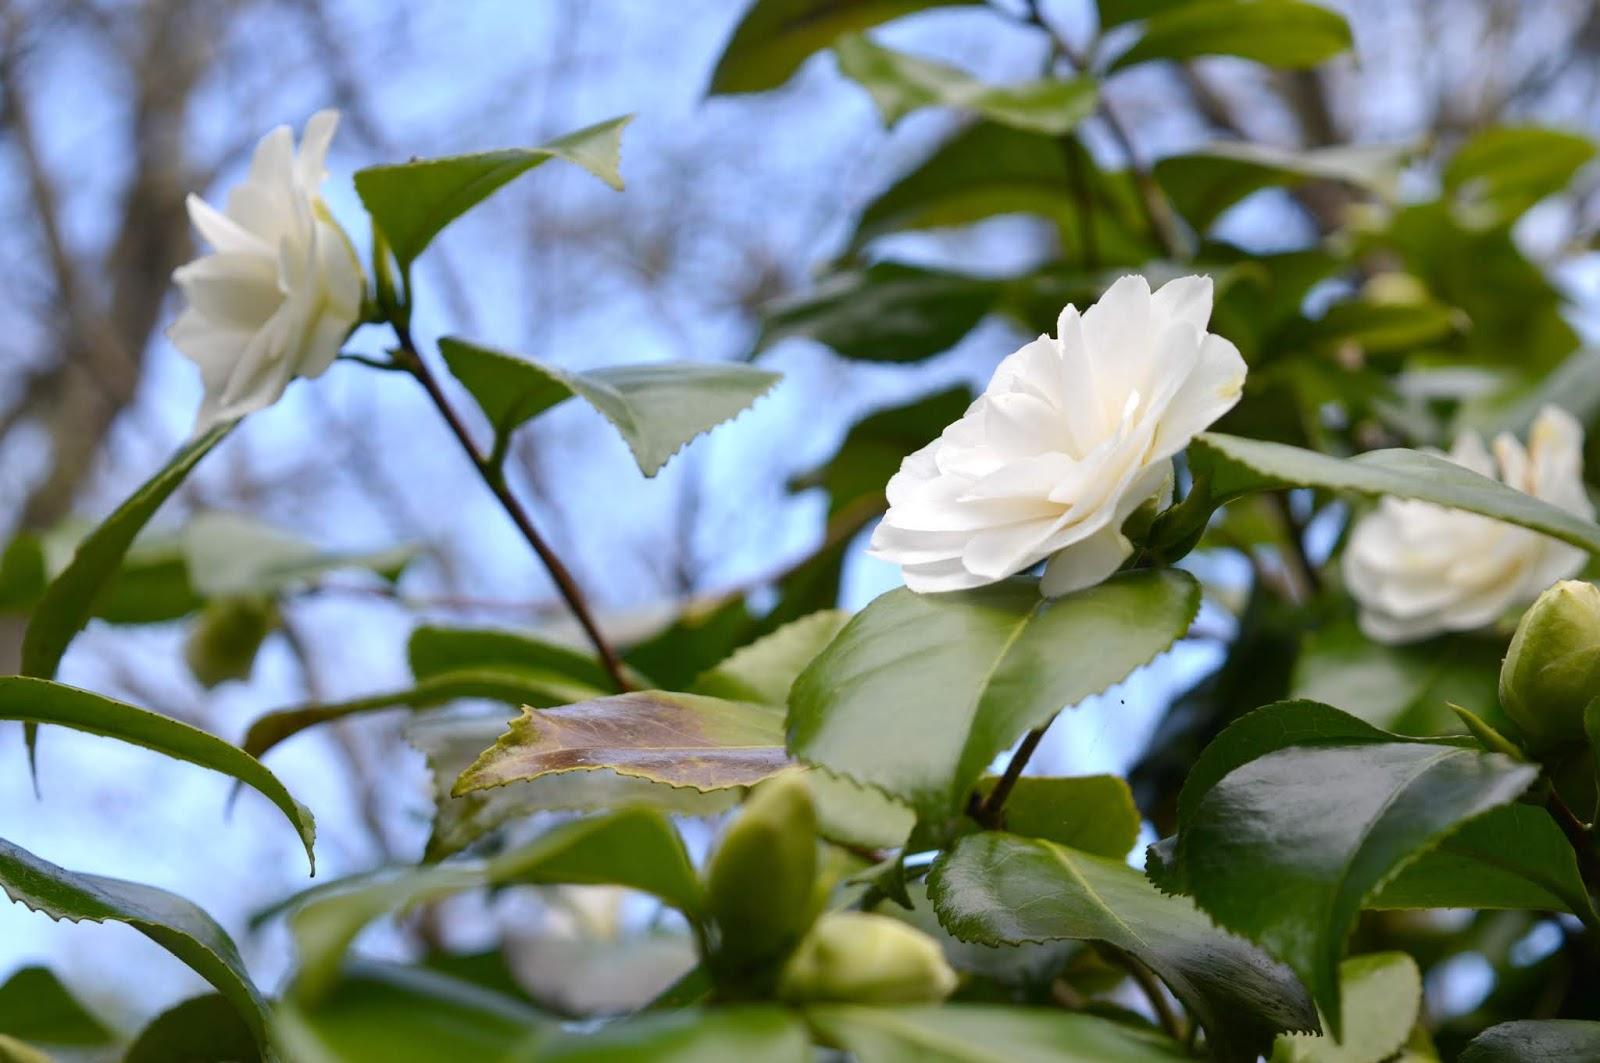 Howick Hall Gardens, Northumberland - Daffodil Season